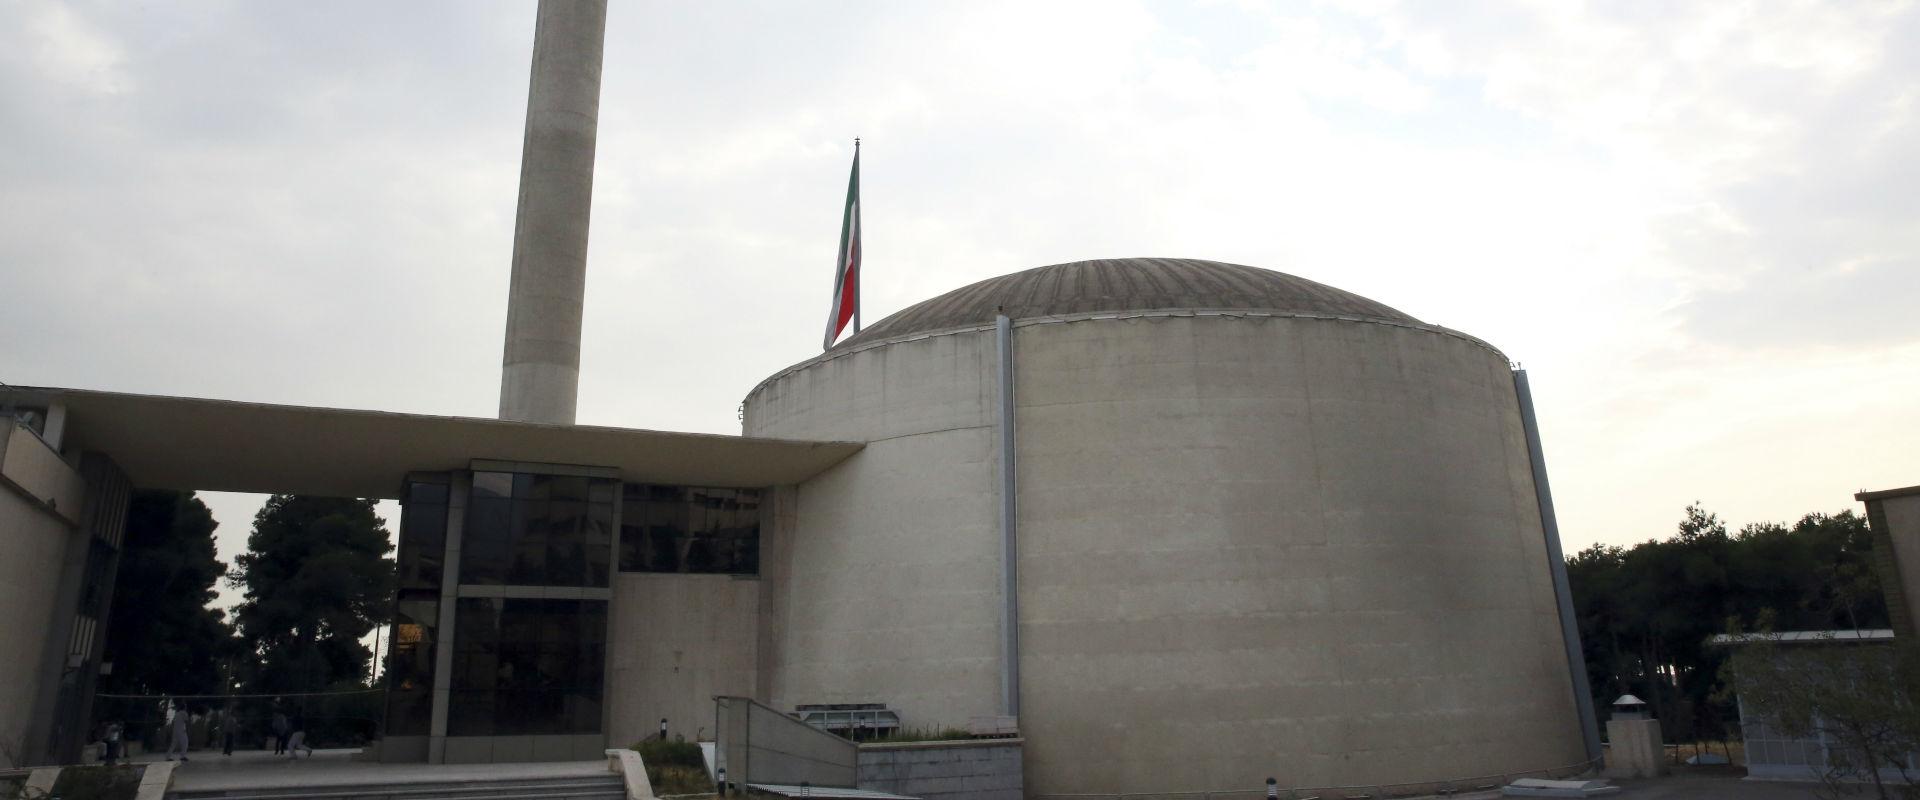 כור מחקר גרעיני בטהרן